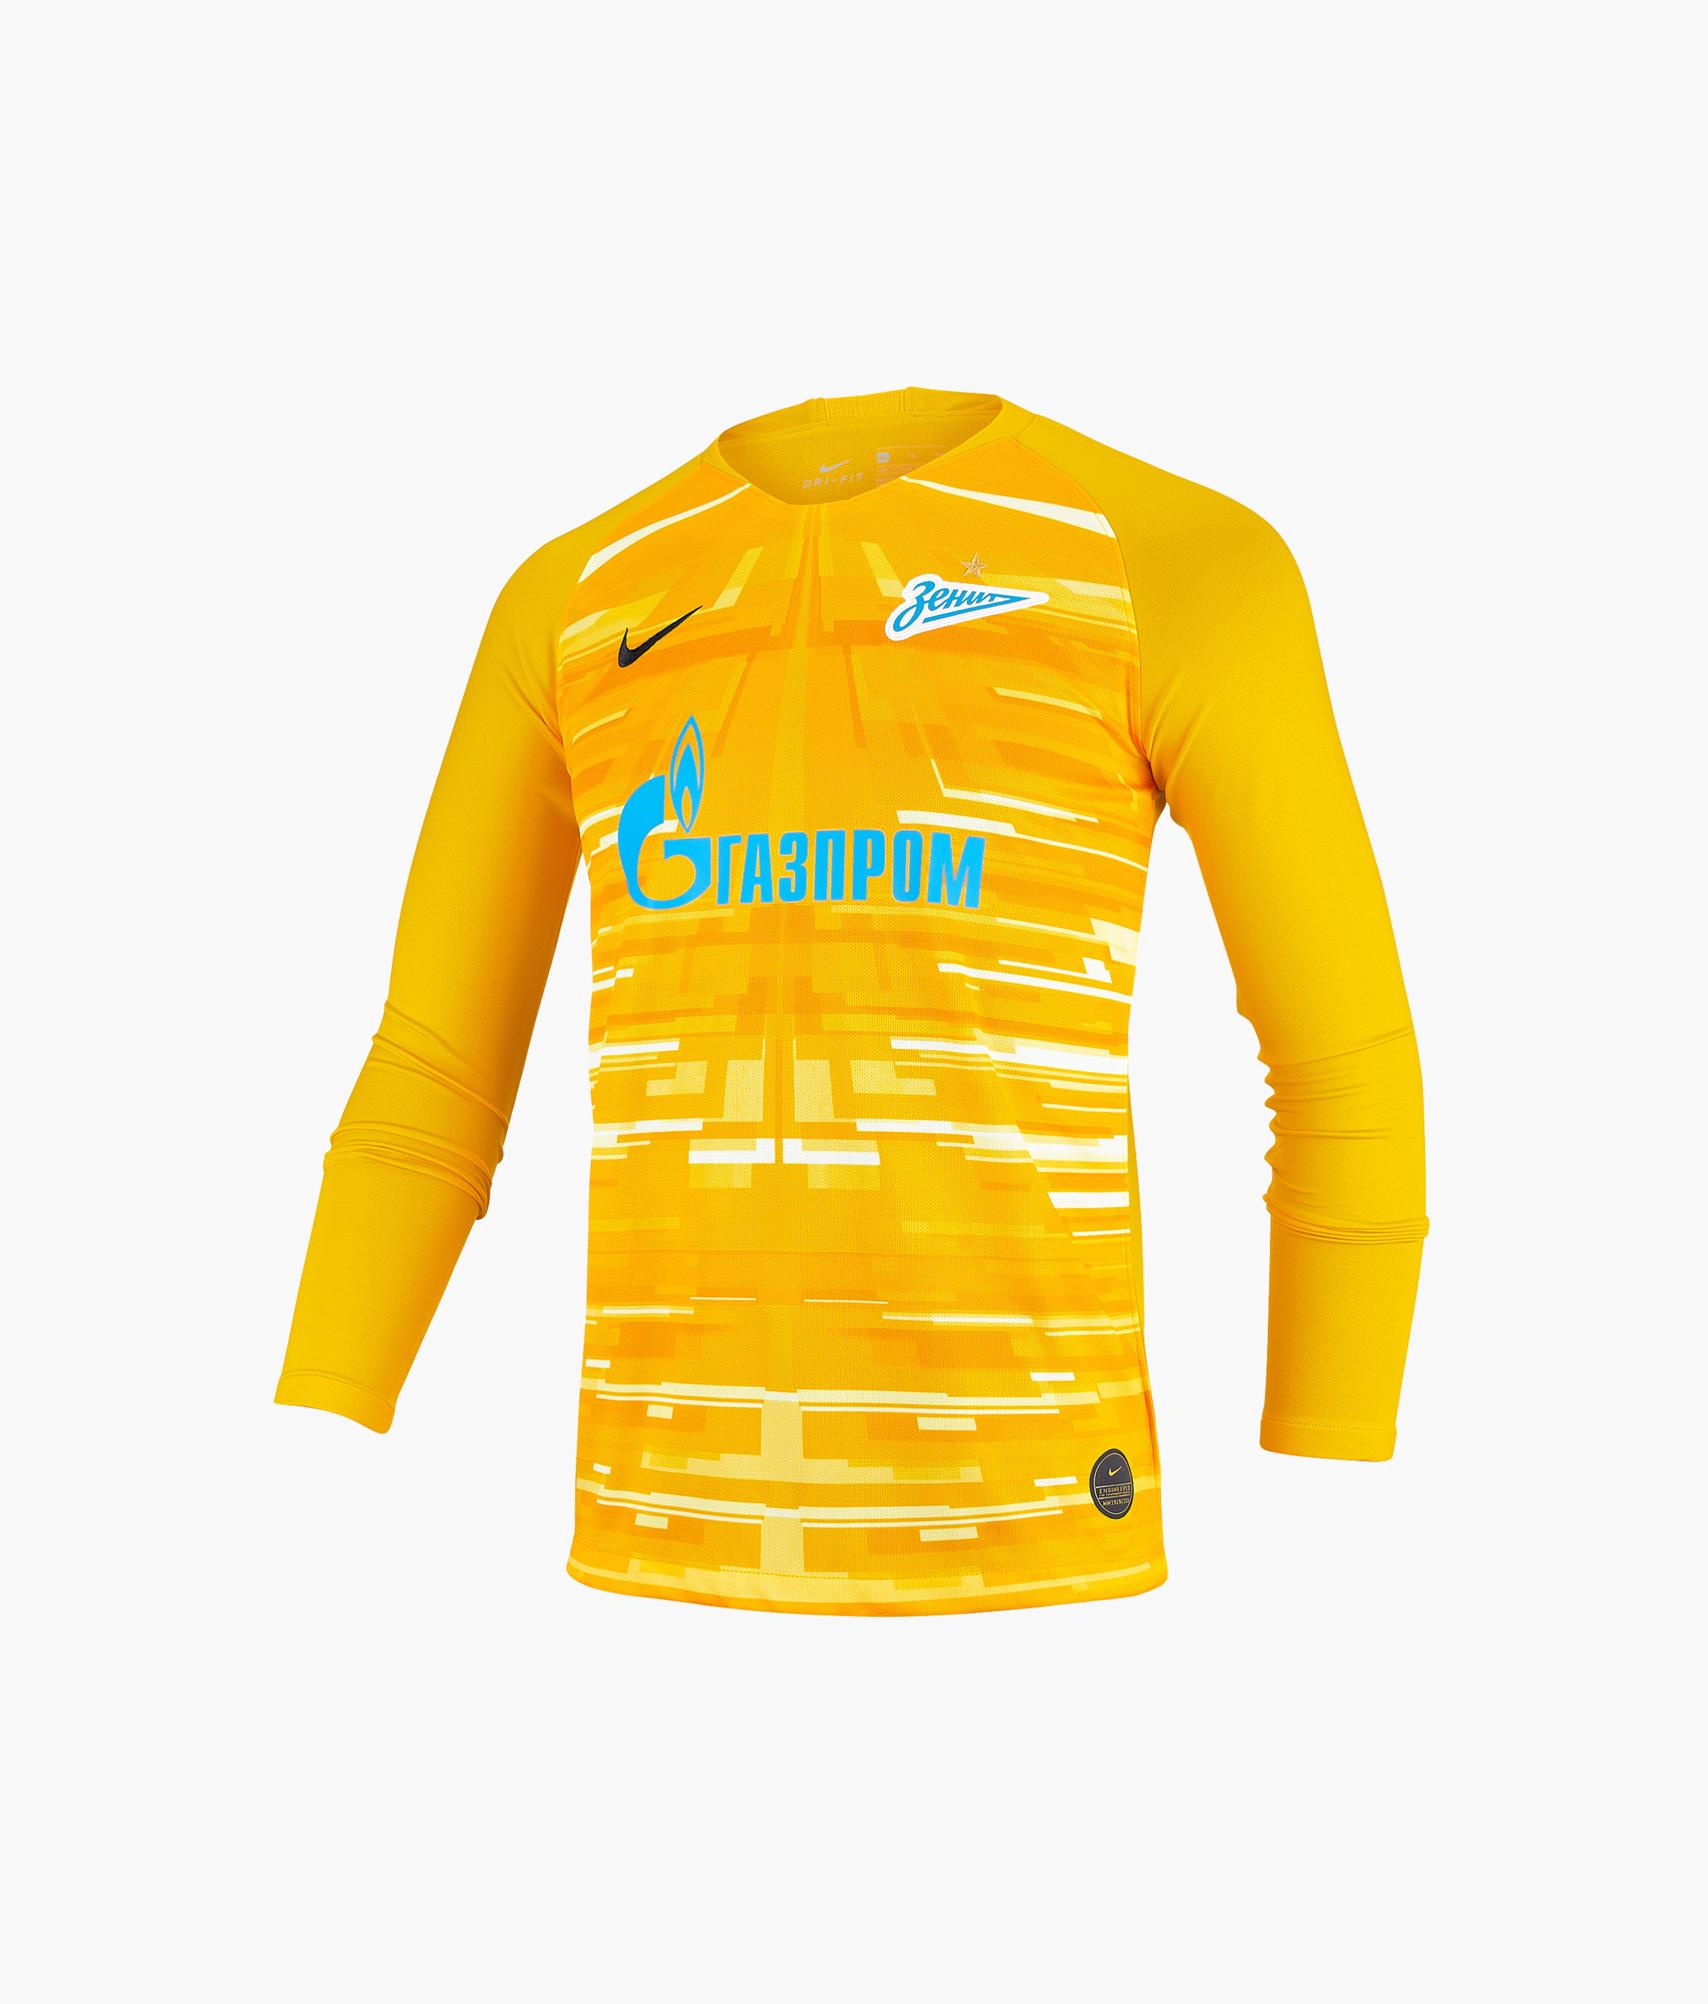 Футболка вратарская подростковая сезона 2019/20 Nike Цвет-Золотой